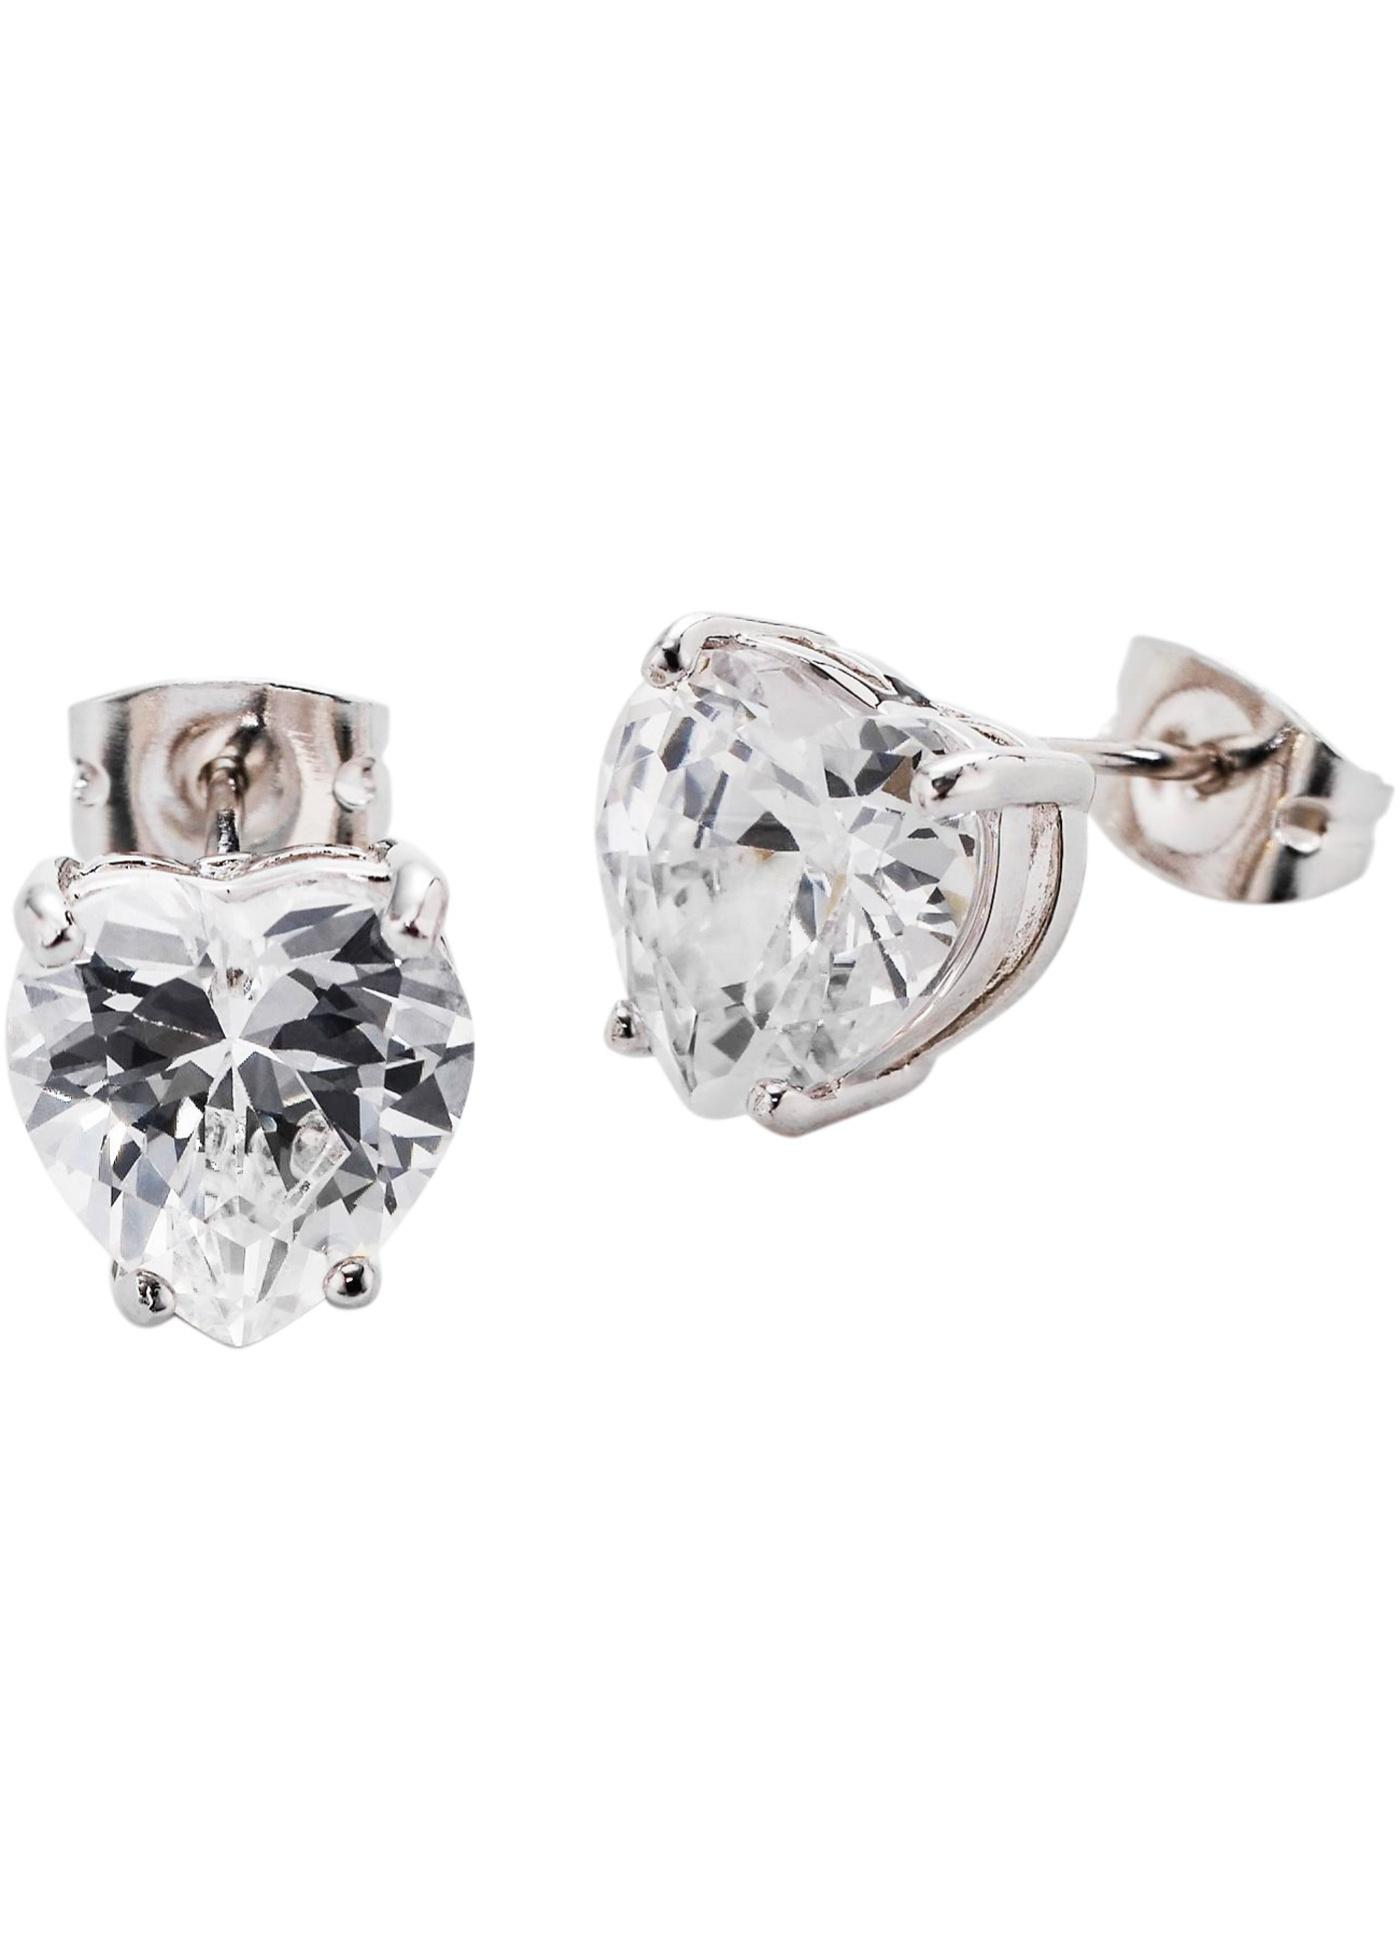 Örhängen med hjärtformade zirkoniastenar, bpc bonprix collection, silverfärgad